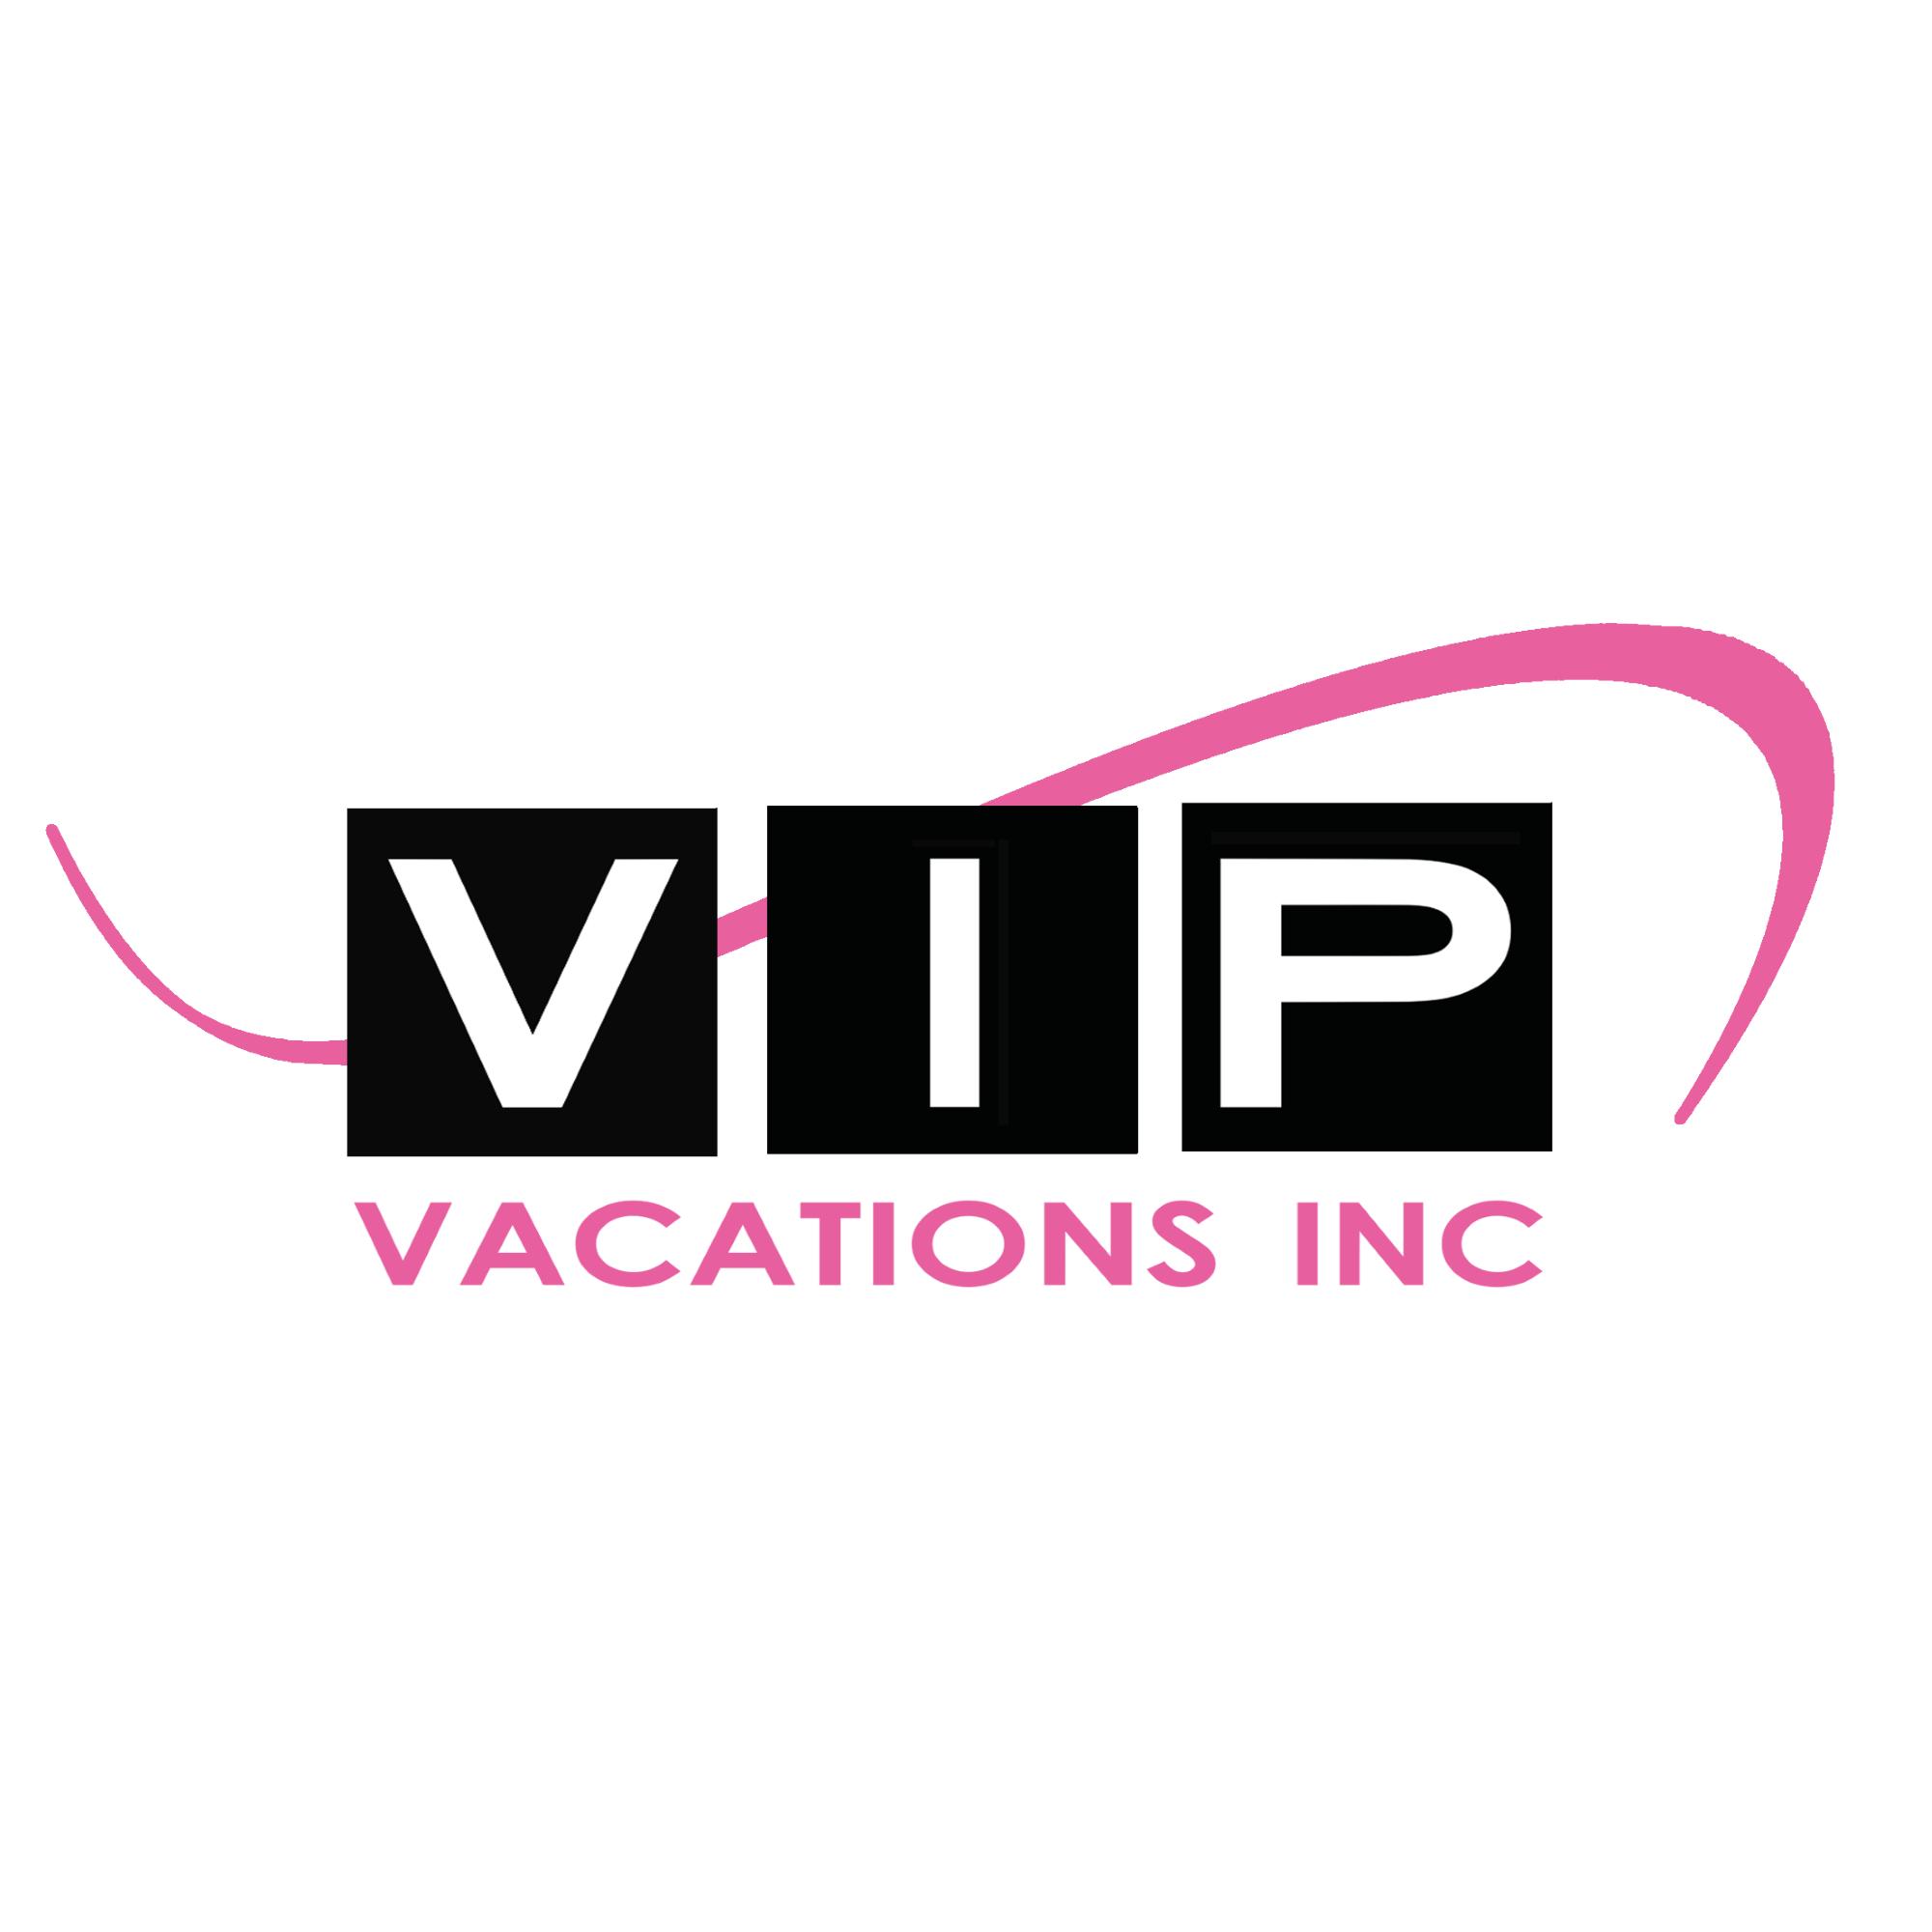 VIP Vacations Inc. Logo